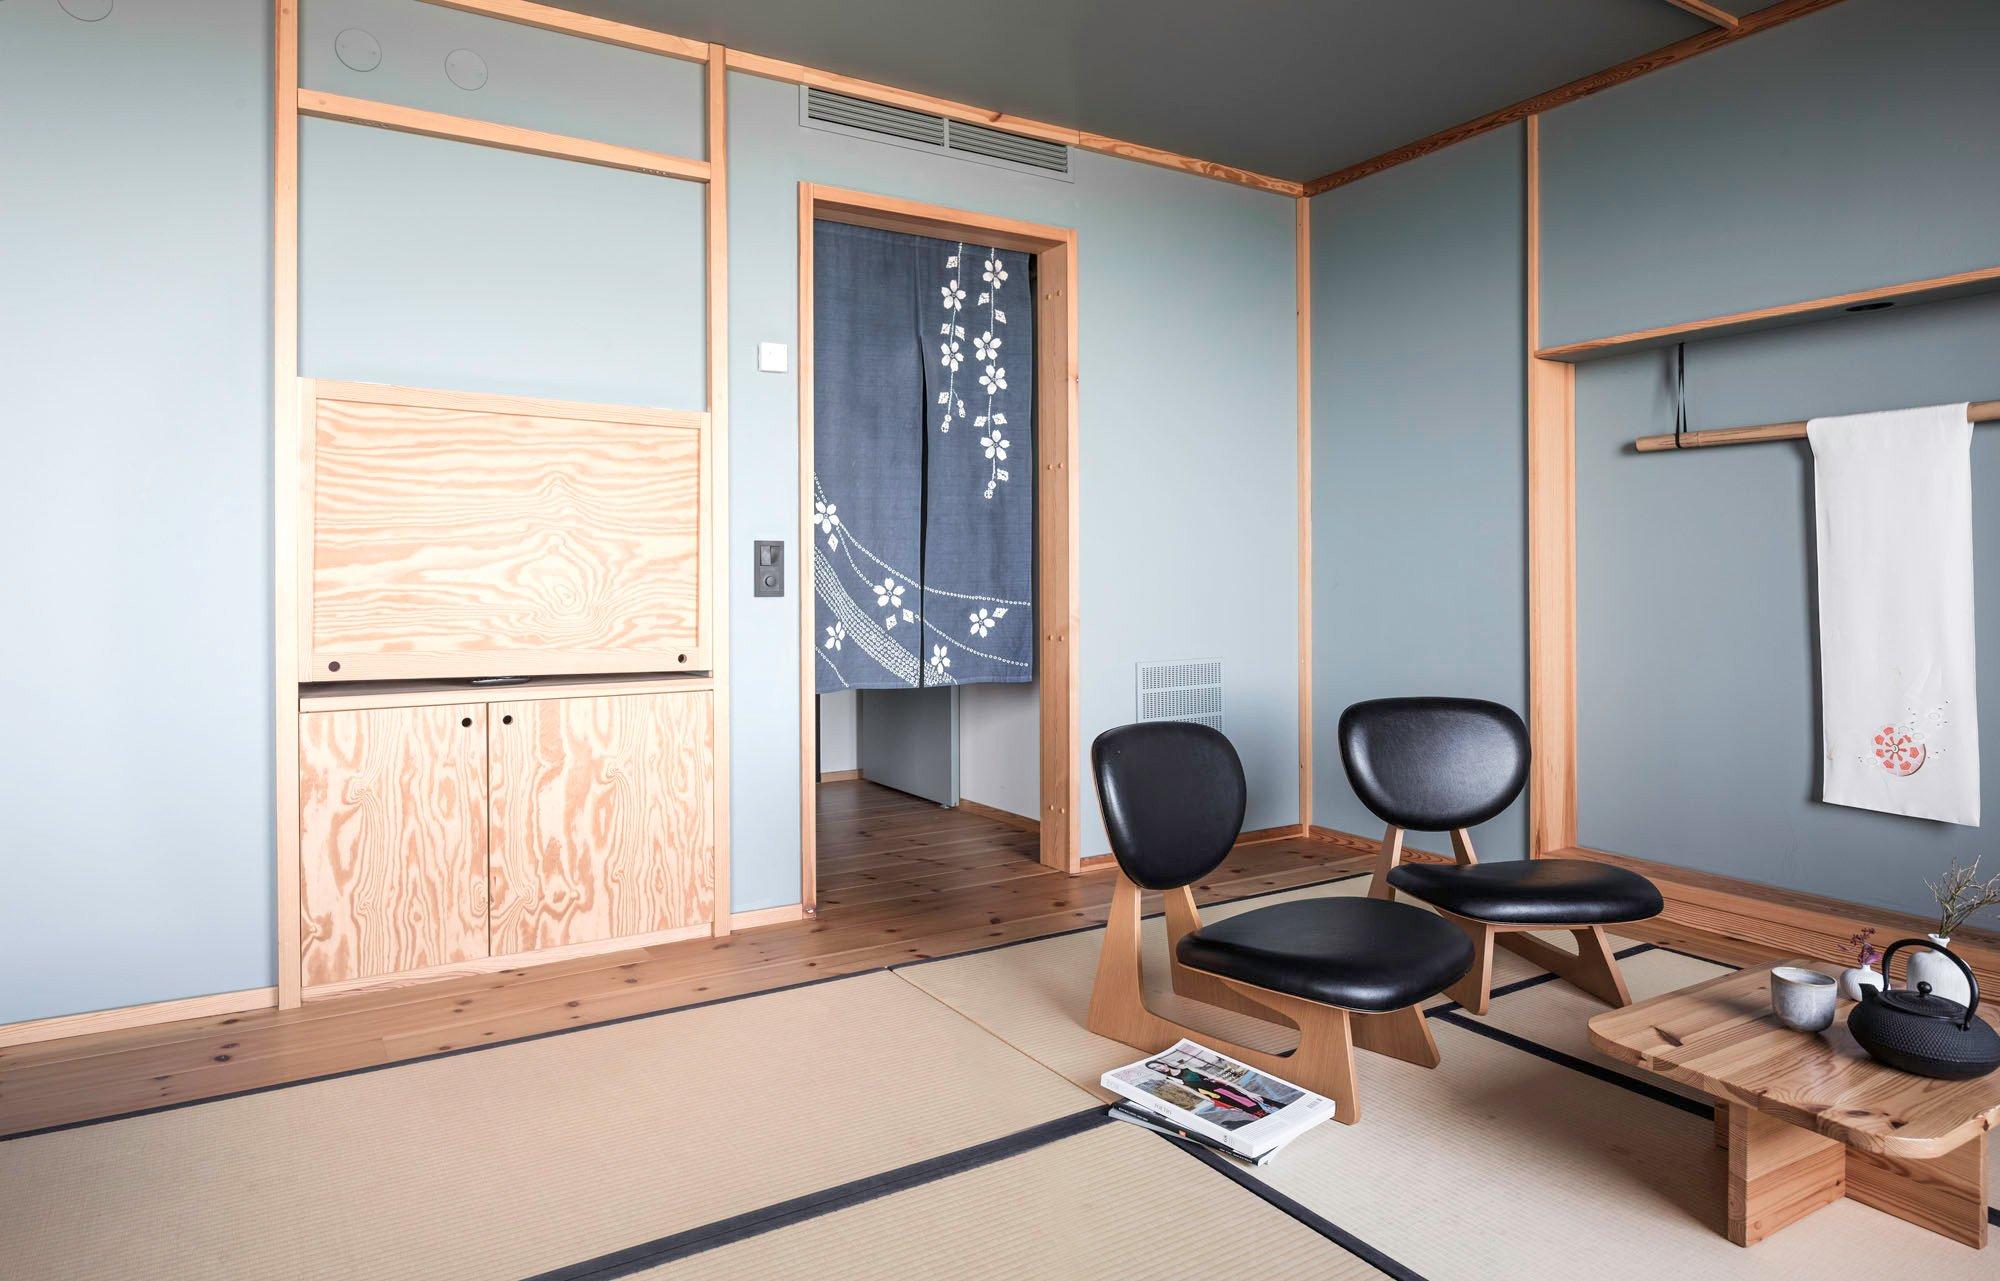 japanische einrichtung viele holzarte n asian garden by whipple russell architects japanische. Black Bedroom Furniture Sets. Home Design Ideas